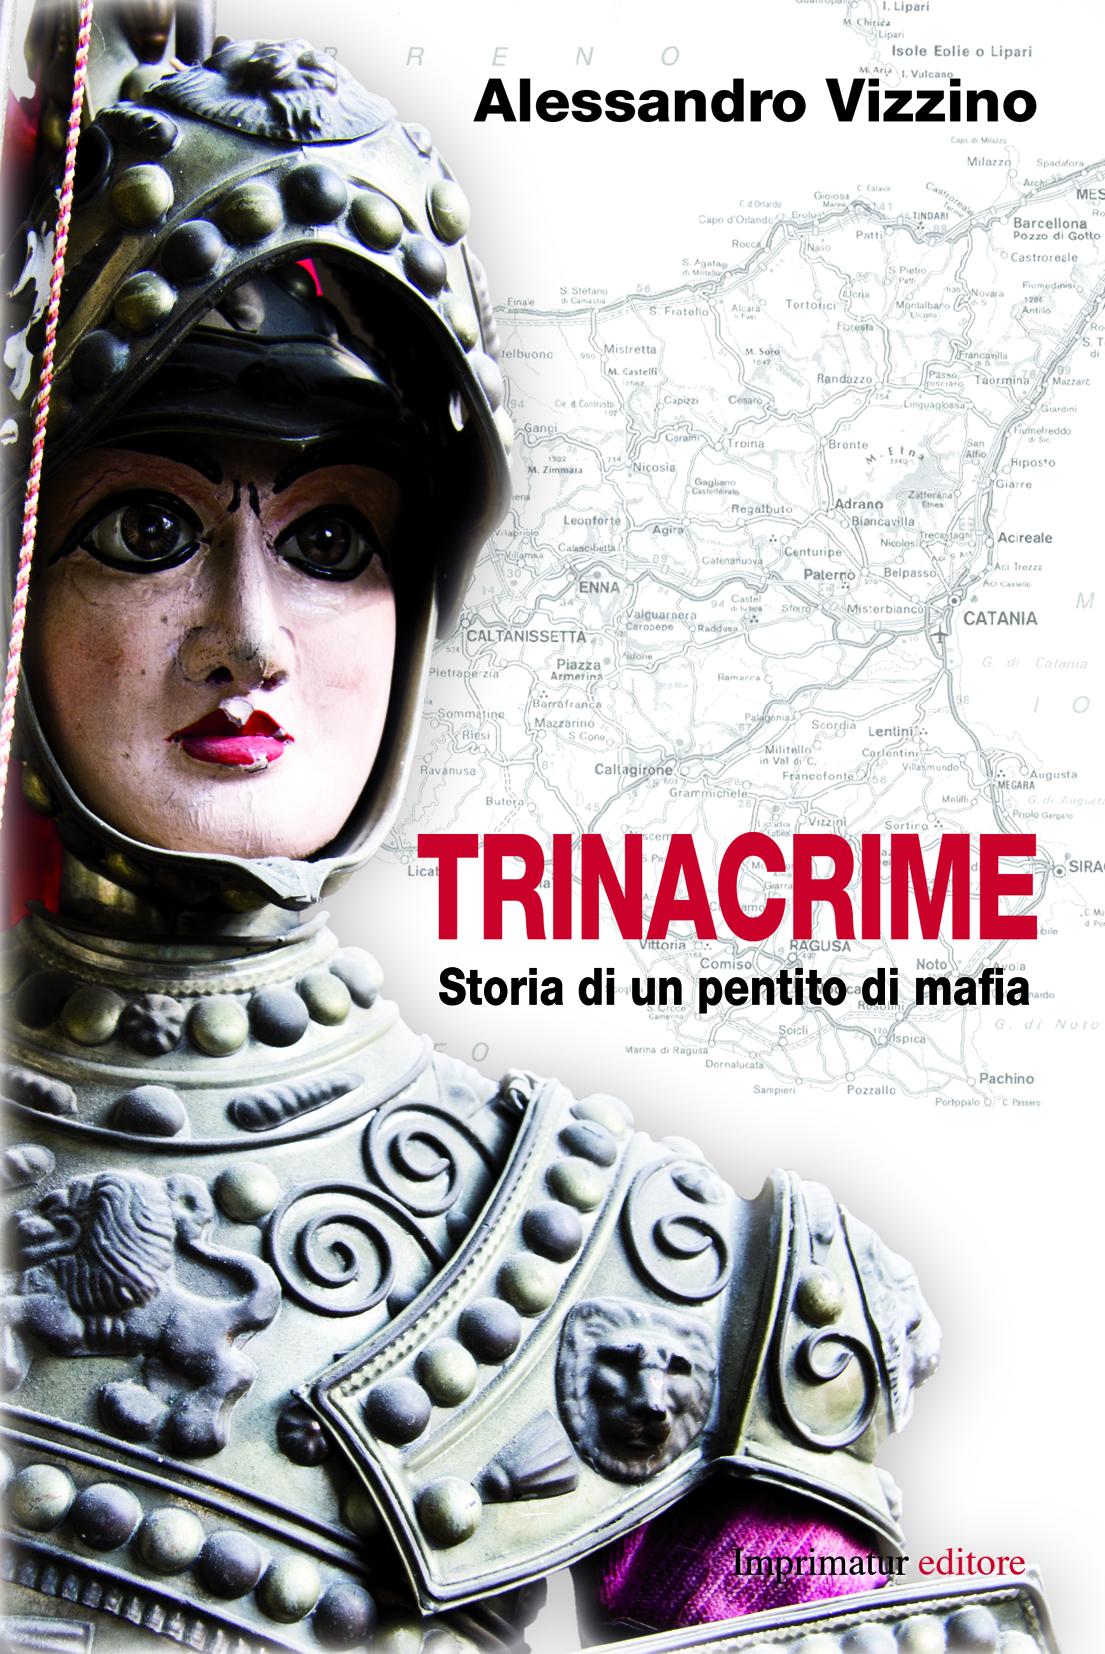 TRINACRIME_cover_02